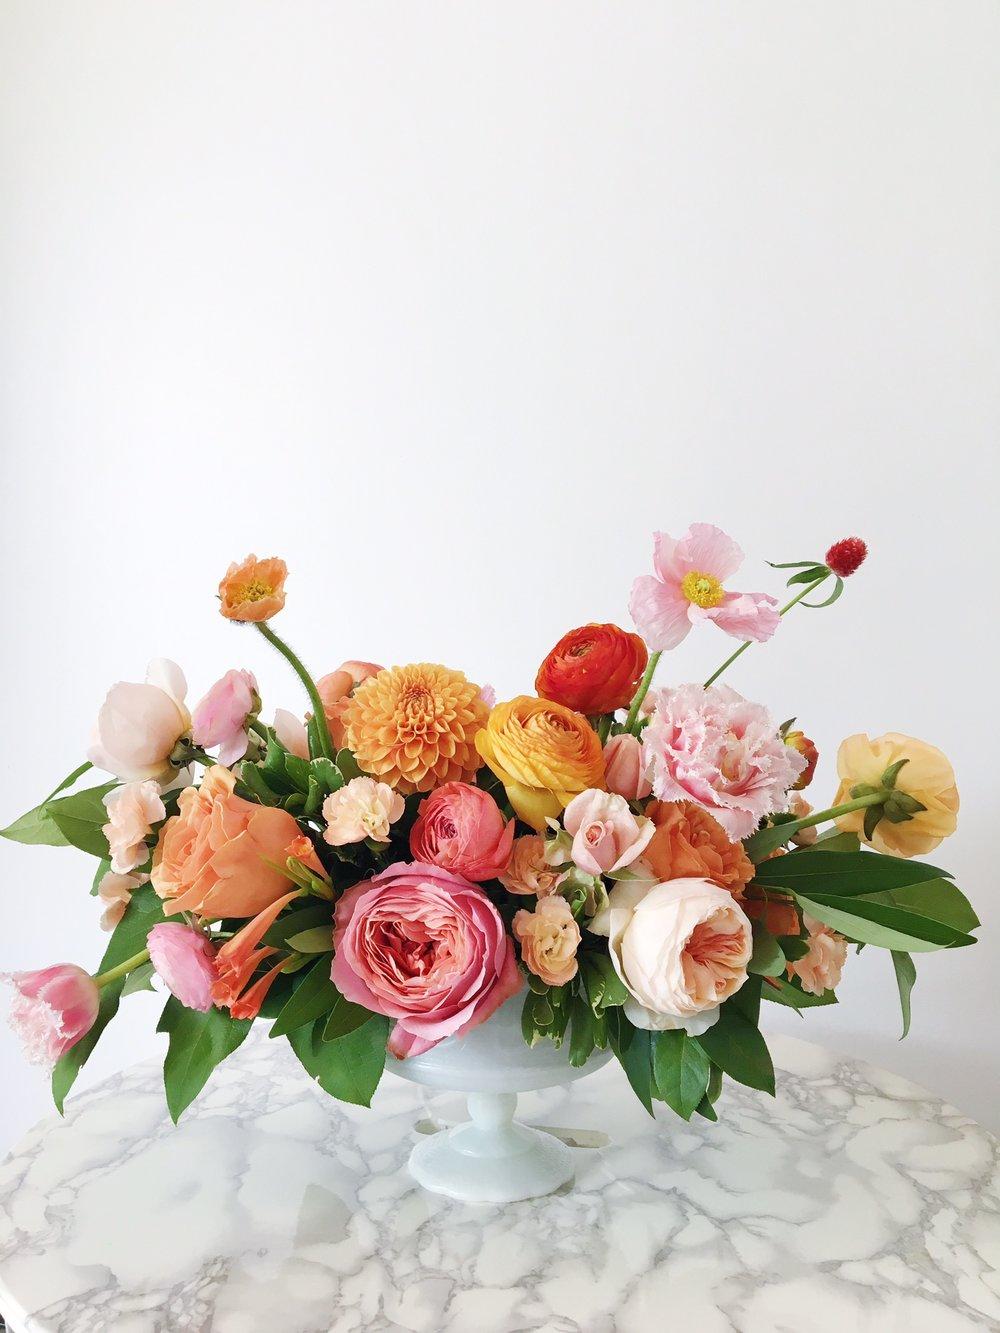 2016-08-23 RewardStyle Florals-1.JPG